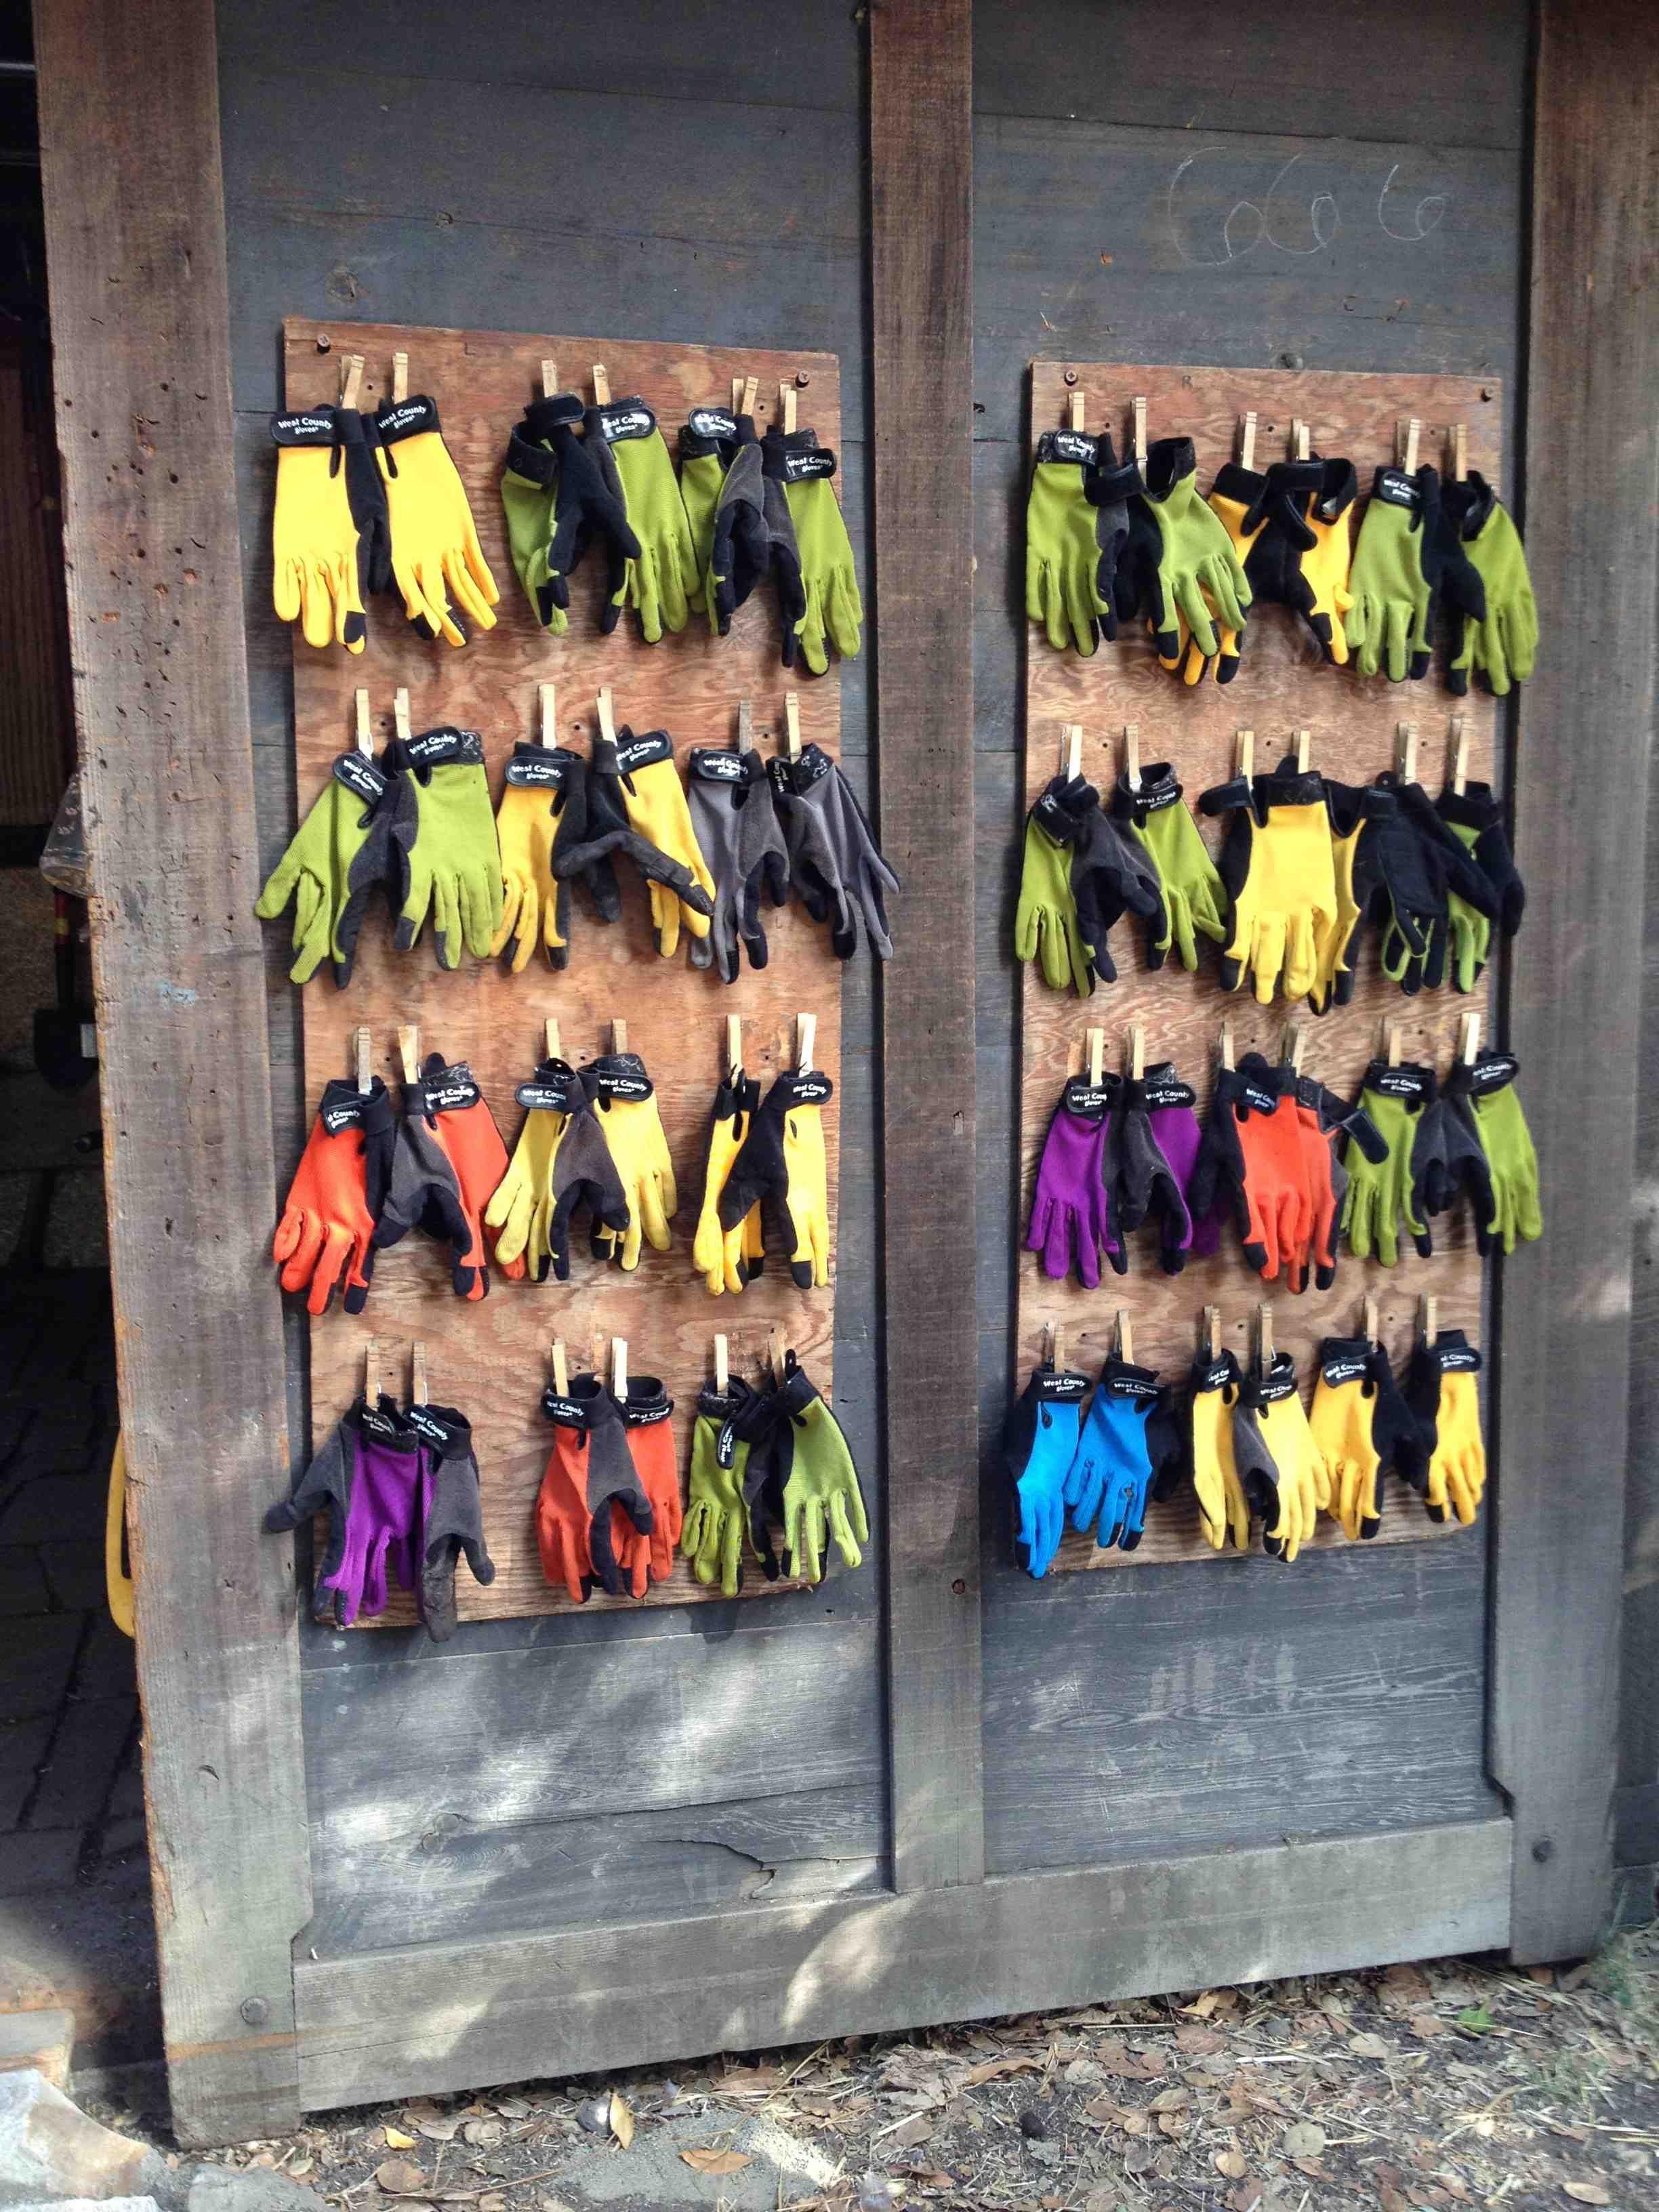 designer gardening gloves. How to organize children s garden gloves at the Edible Schoolyard in  Berkeley